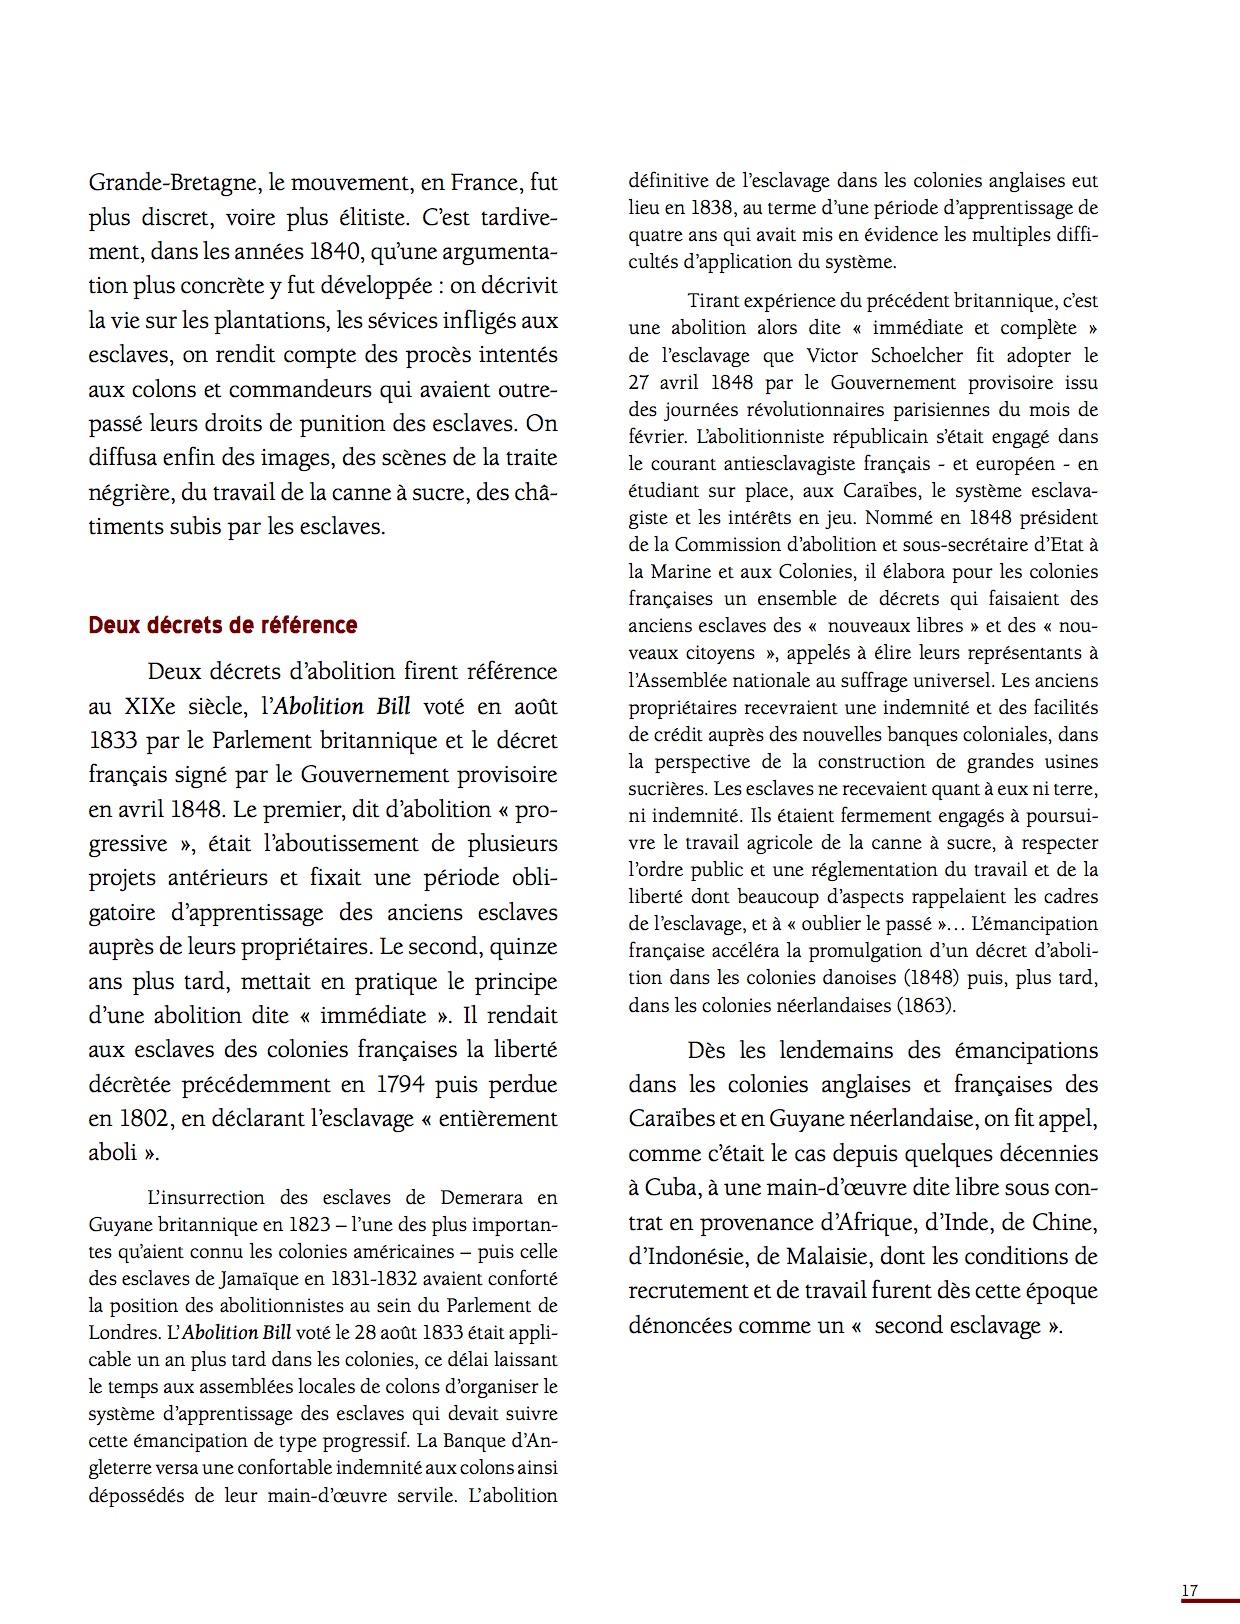 Unesco Luttes contre l'esclavage-17